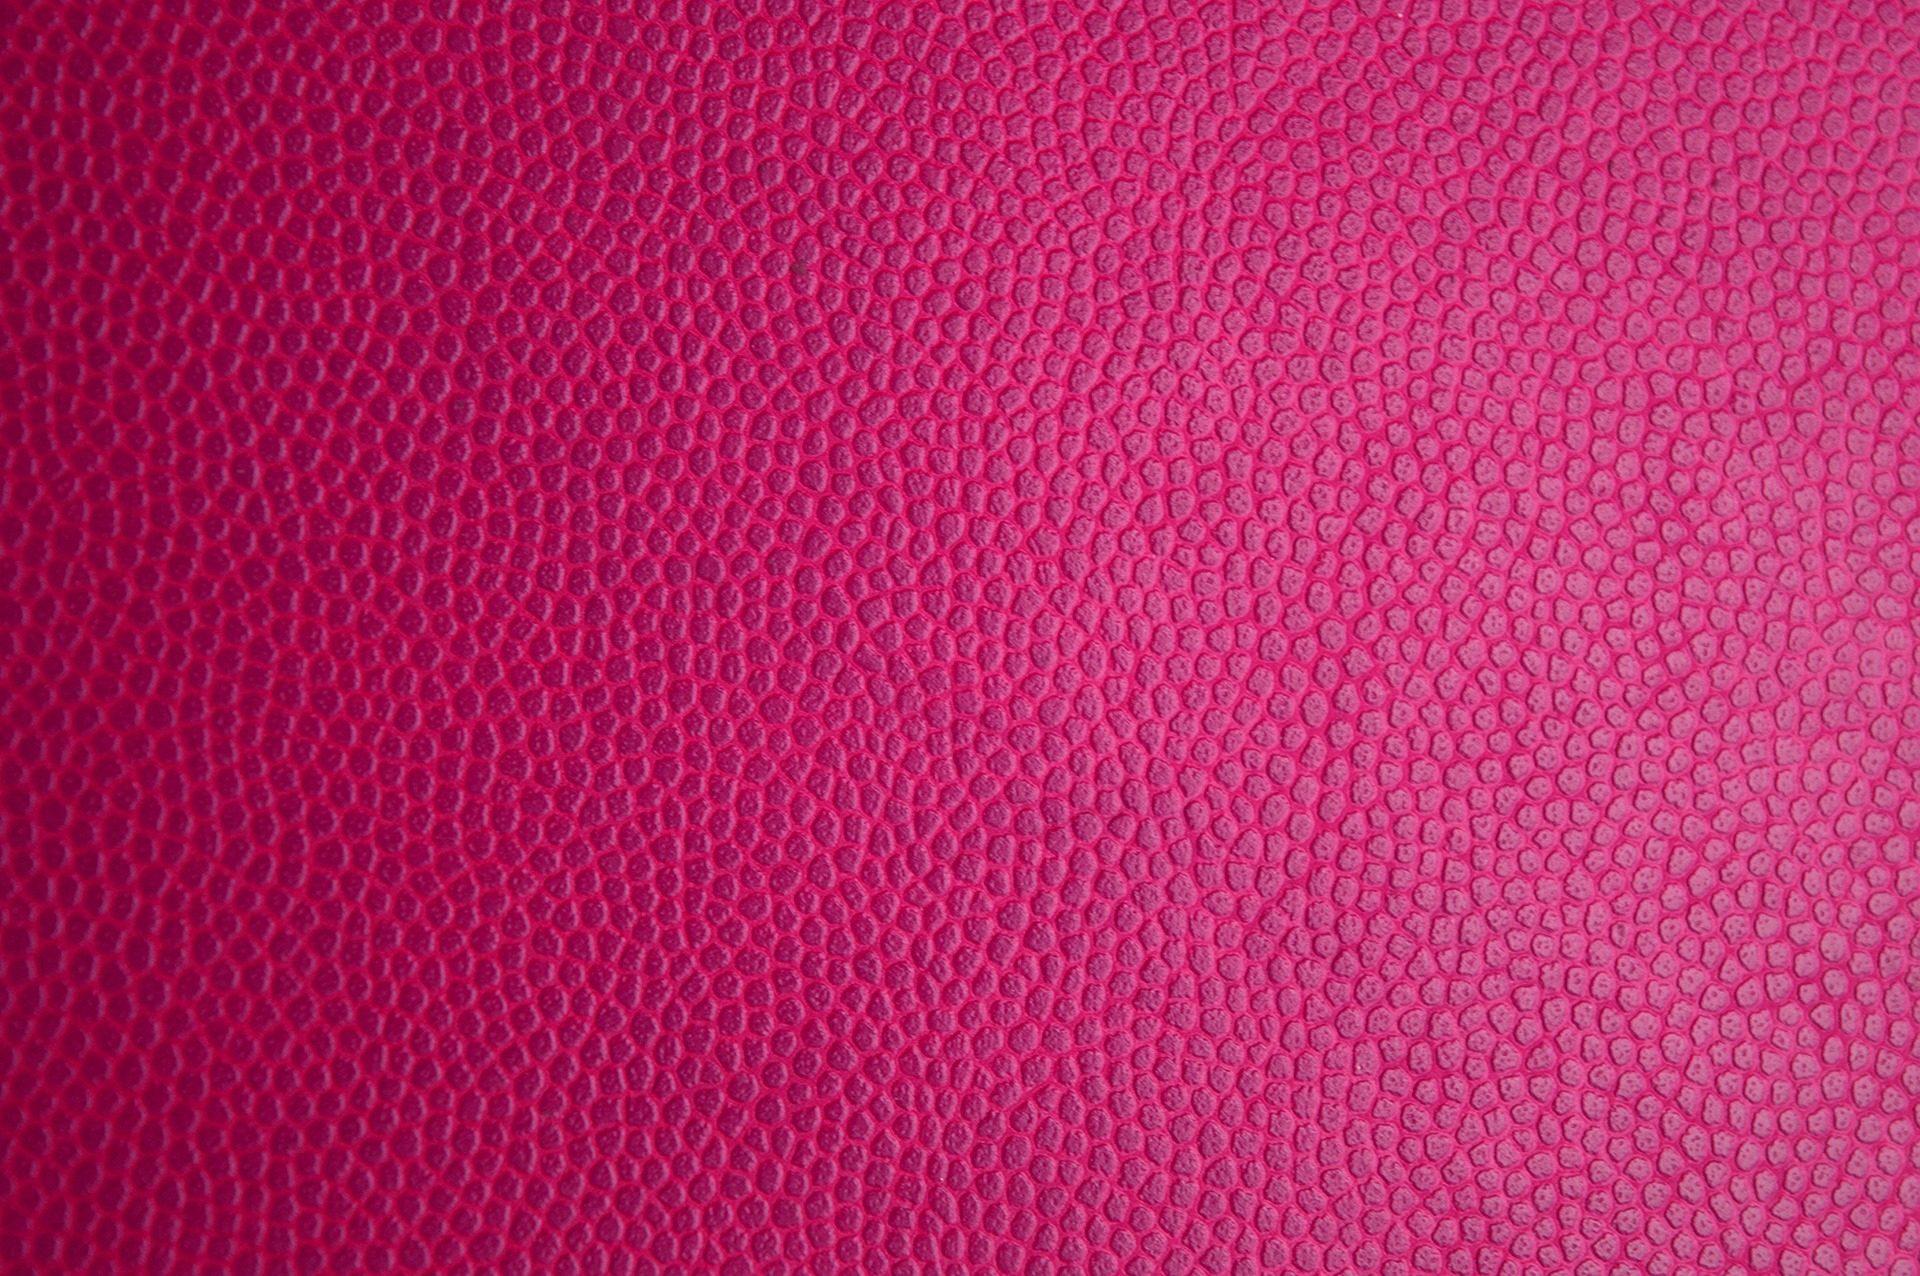 皮肤, 皮革, 形式, 数字, 纹理, 罗莎 - 高清壁纸 - 教授-falken.com